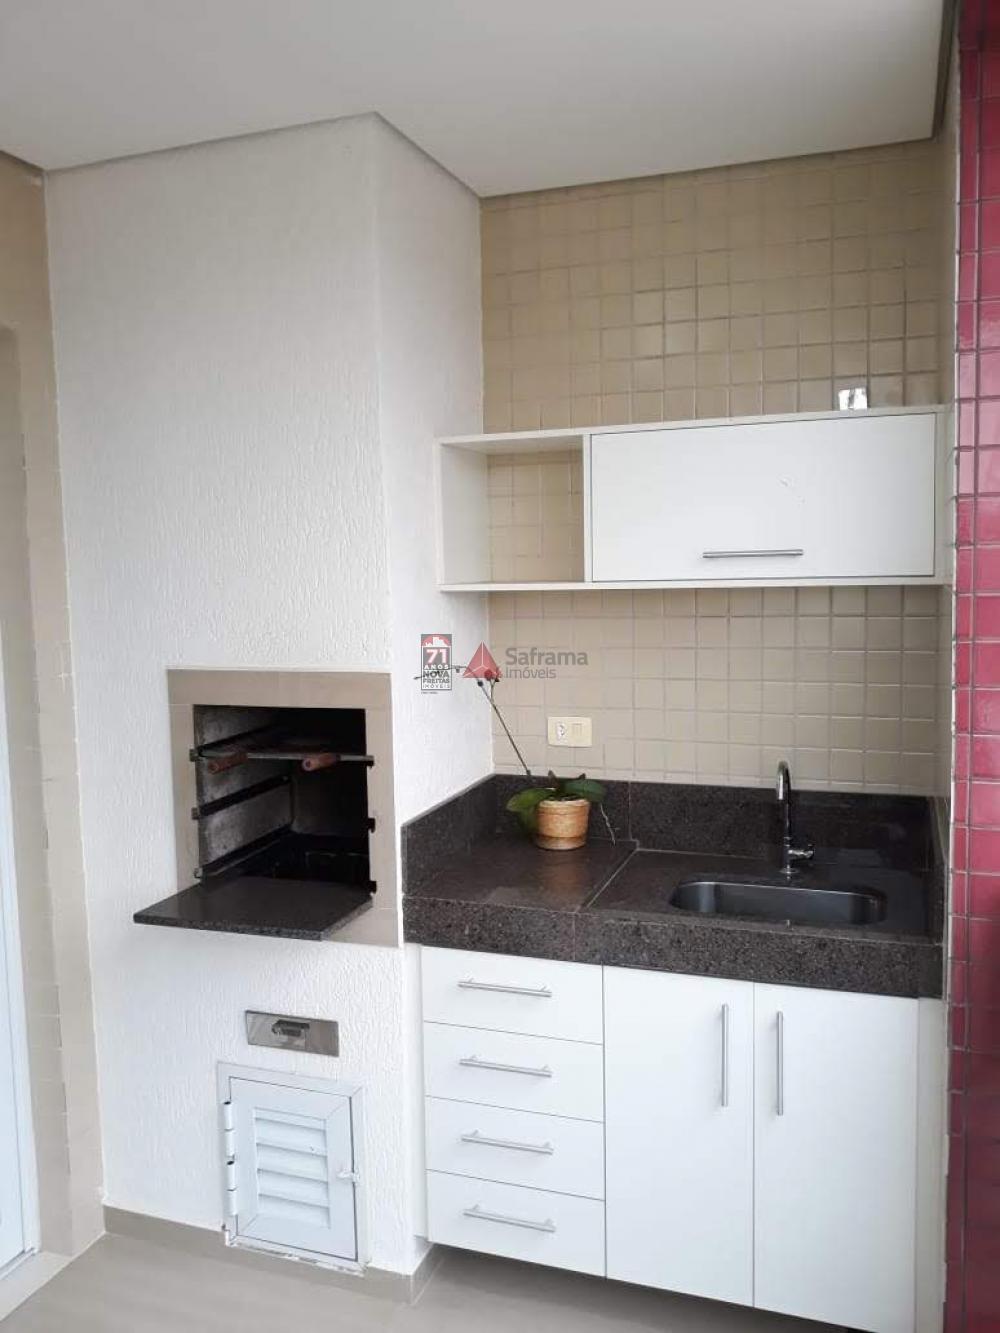 Comprar Apartamento / Padrão em Caraguatatuba apenas R$ 450.000,00 - Foto 9